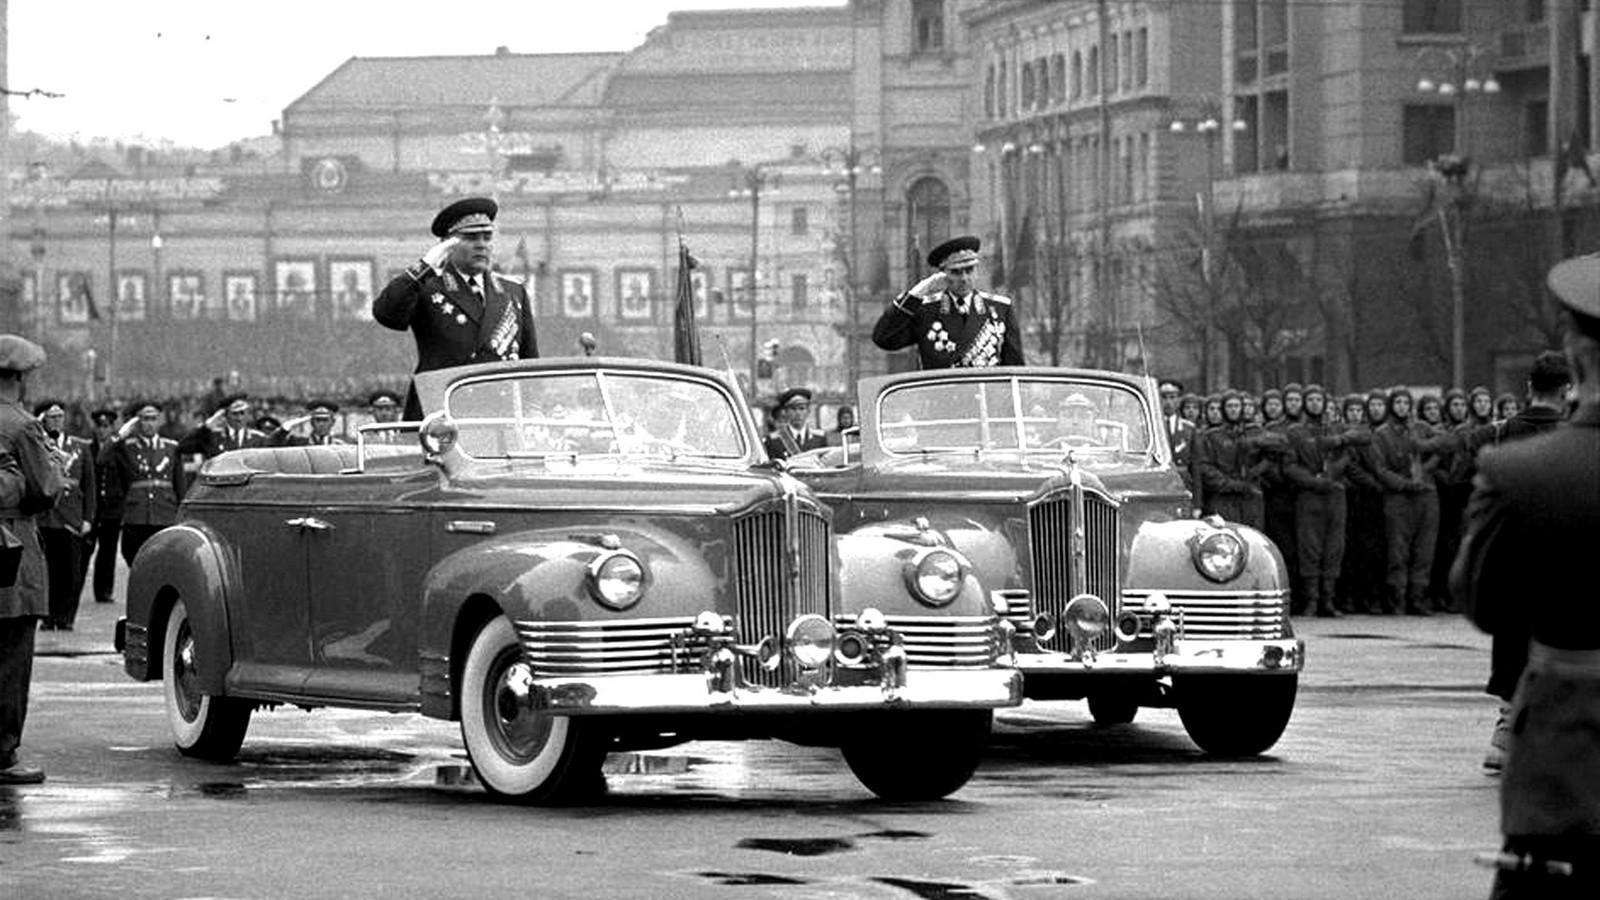 Маршалы Р. Я. Малиновский и К. С. Москаленко на автомобилях ЗИС-110Б. 7 ноября 1958 года (фото Эдуарда Лессинга)